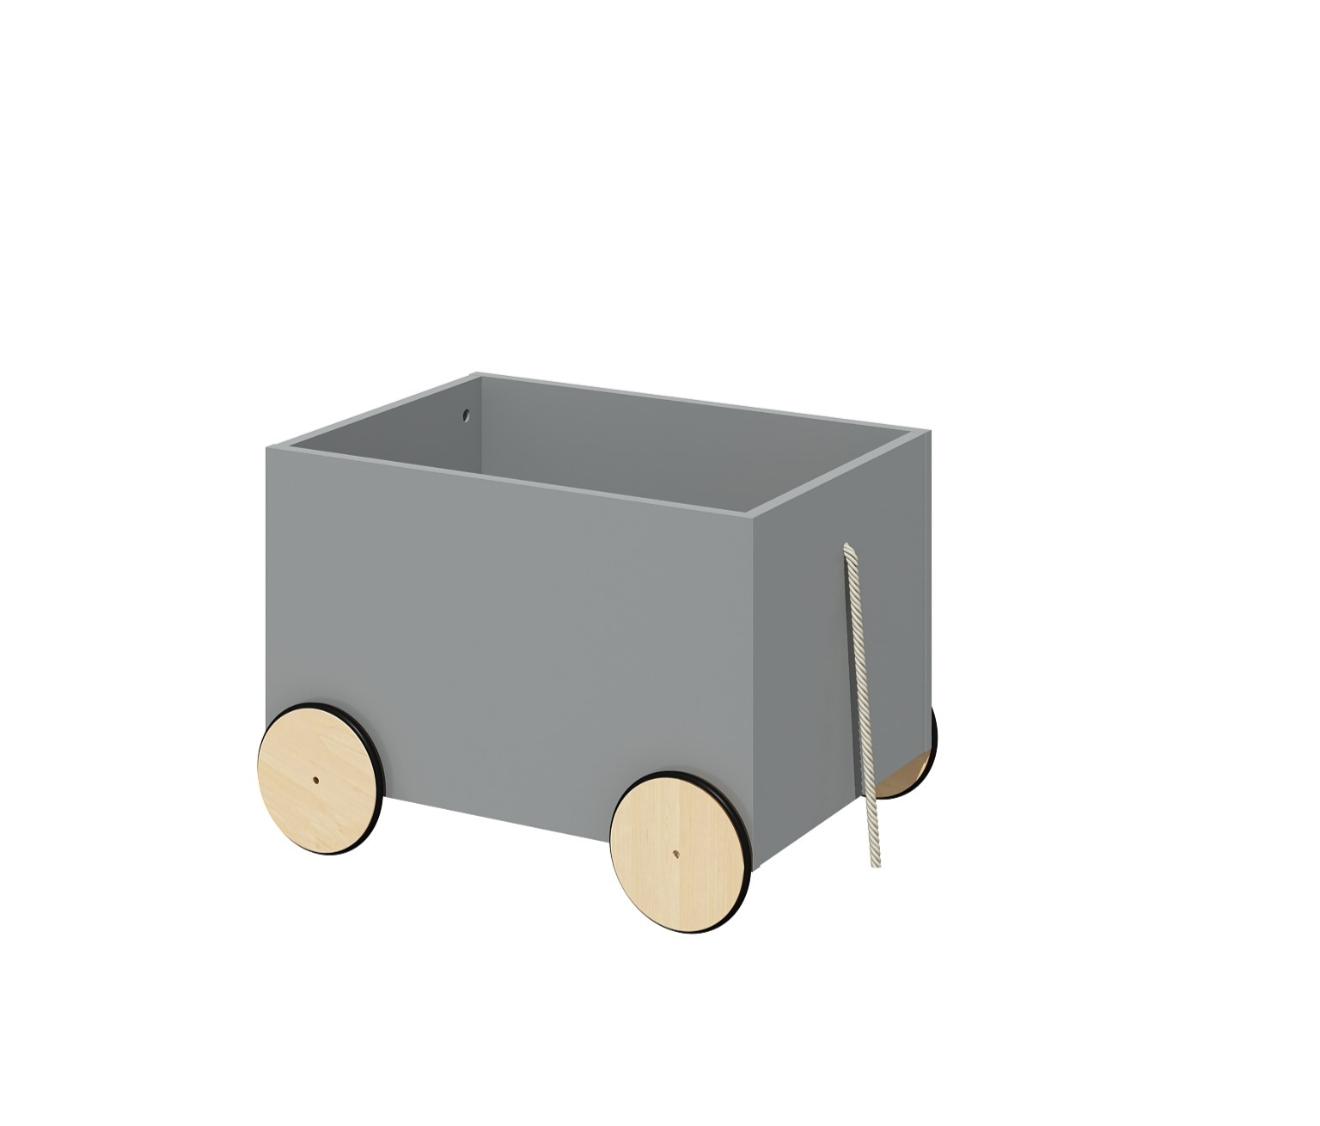 Žaislų dėžė LG88